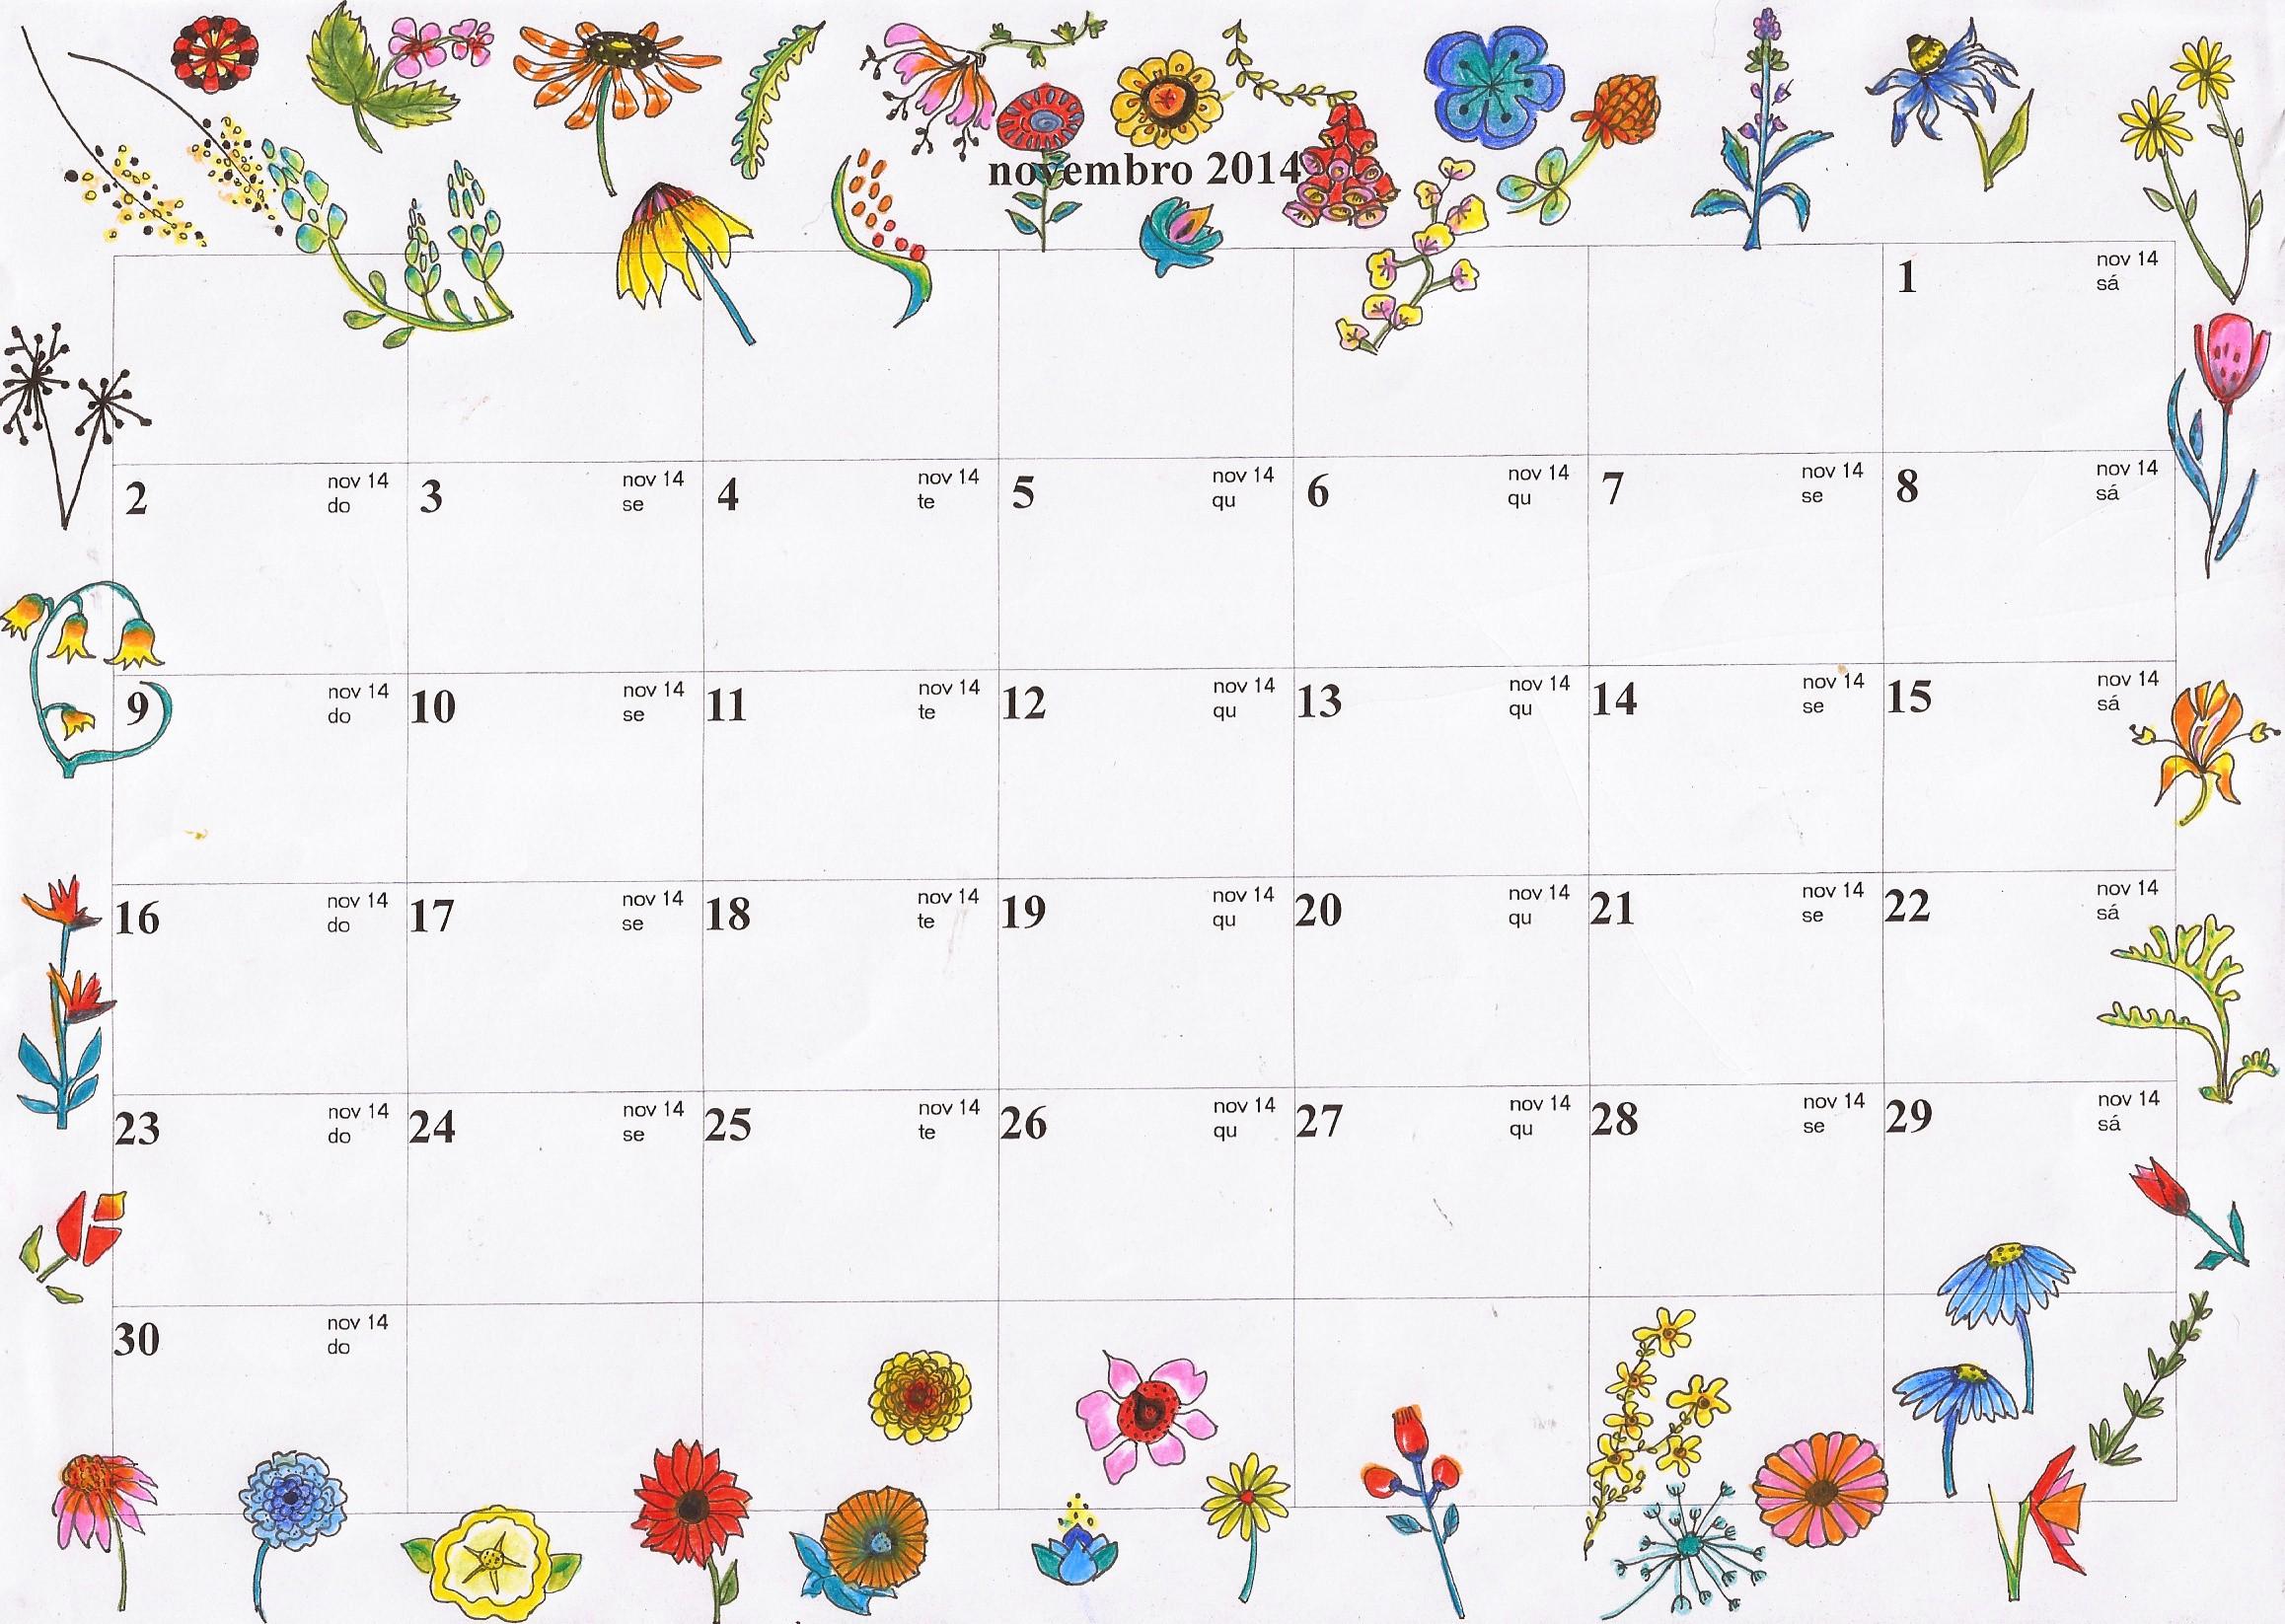 Calendário 2019 Excel Com Feriados Actual Calendario Novembro 2018 Imprimir T Of Calendário 2019 Excel Com Feriados Más Reciente Partilhando Ideias Calendrio 2018 Calendrio T